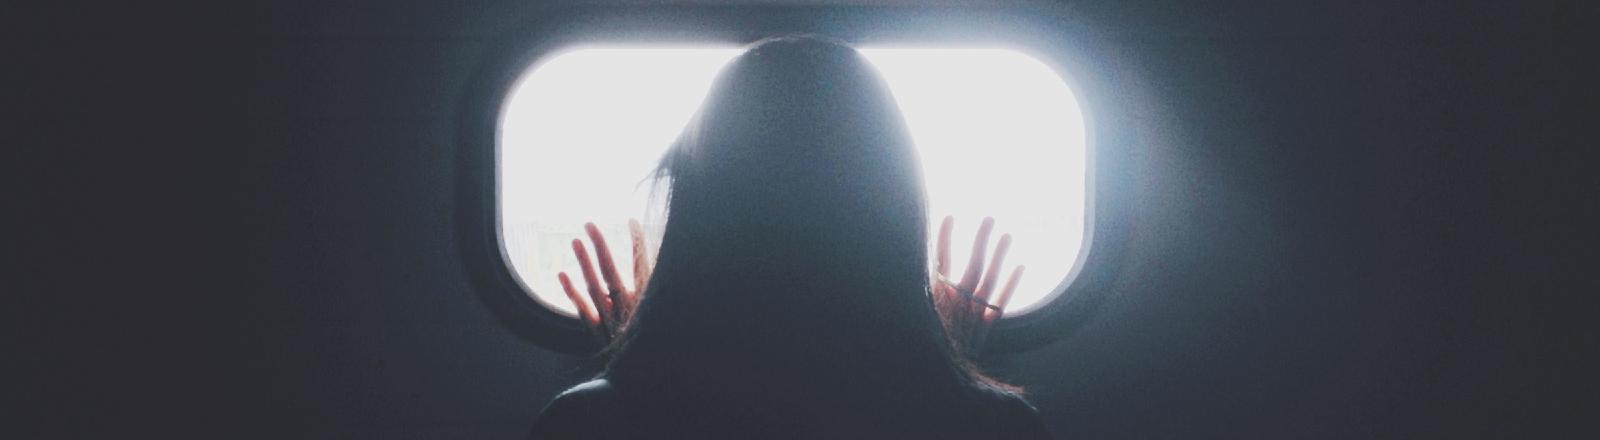 Eine Frau drückt die Hände gegen ein Fenster.